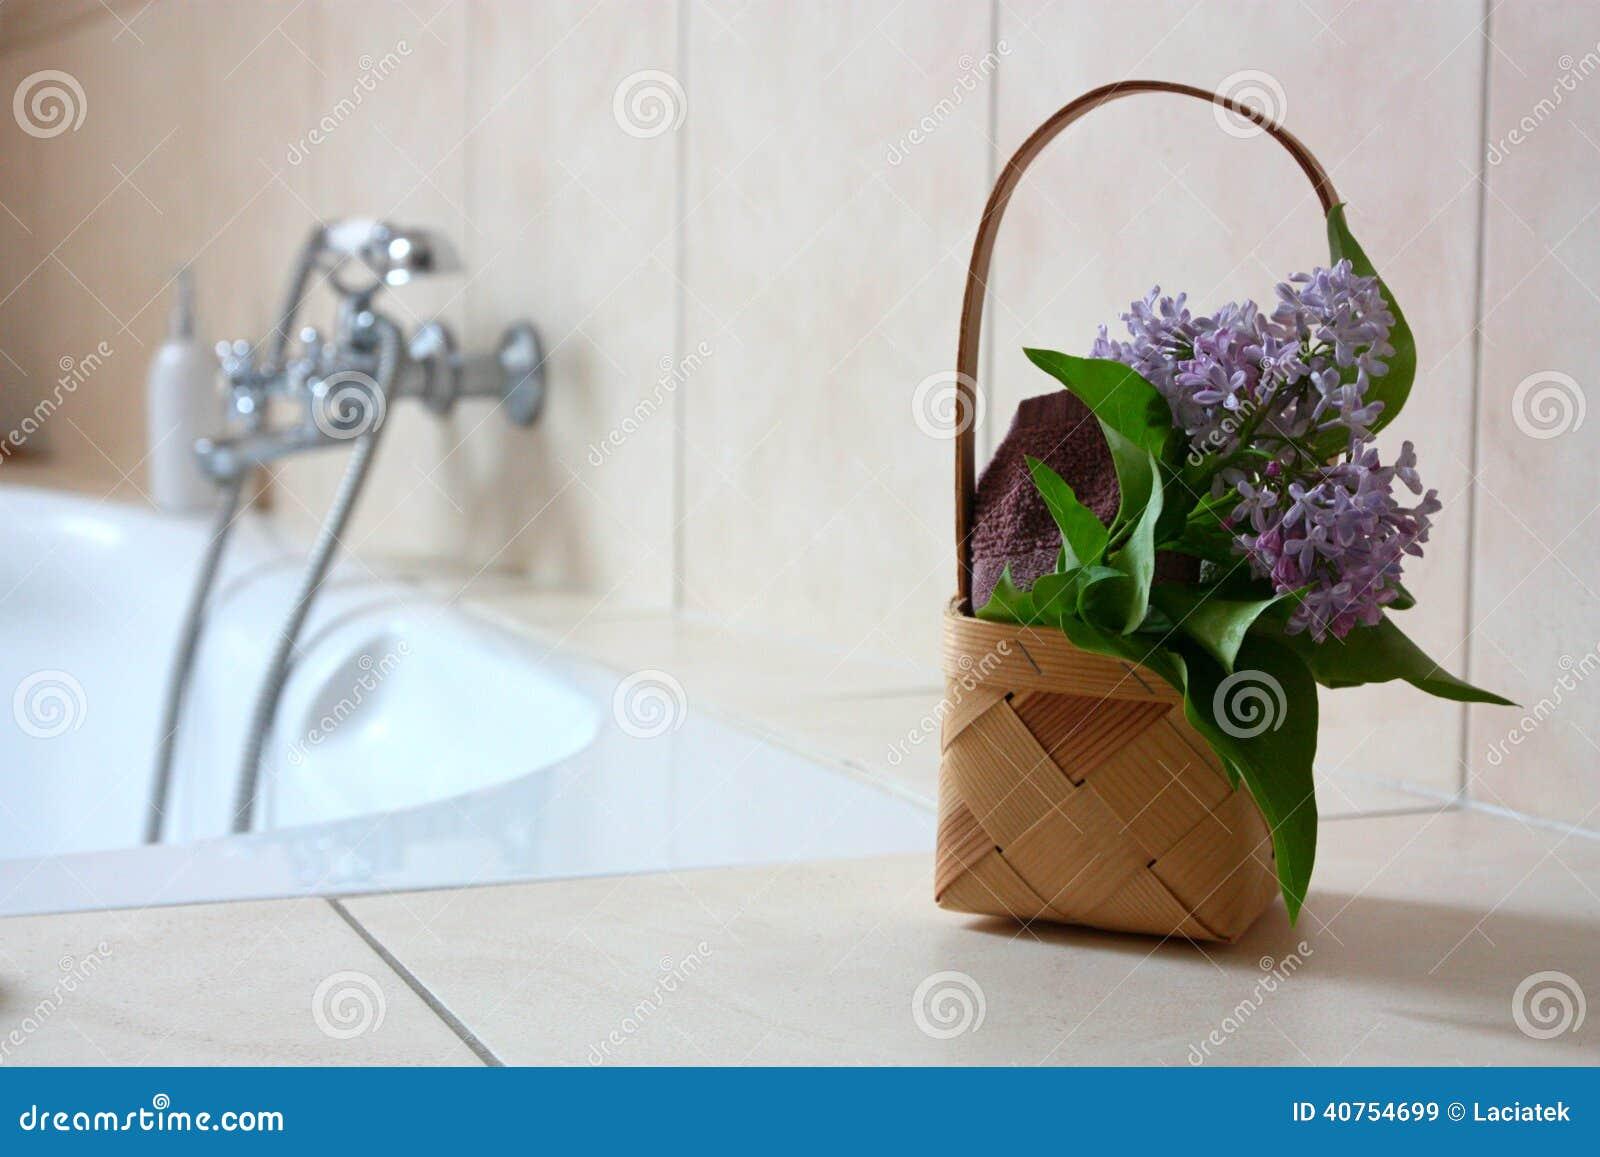 Korb Mit Tuch Und Blumen Im Badezimmer Stockbild - Bild von korb ...